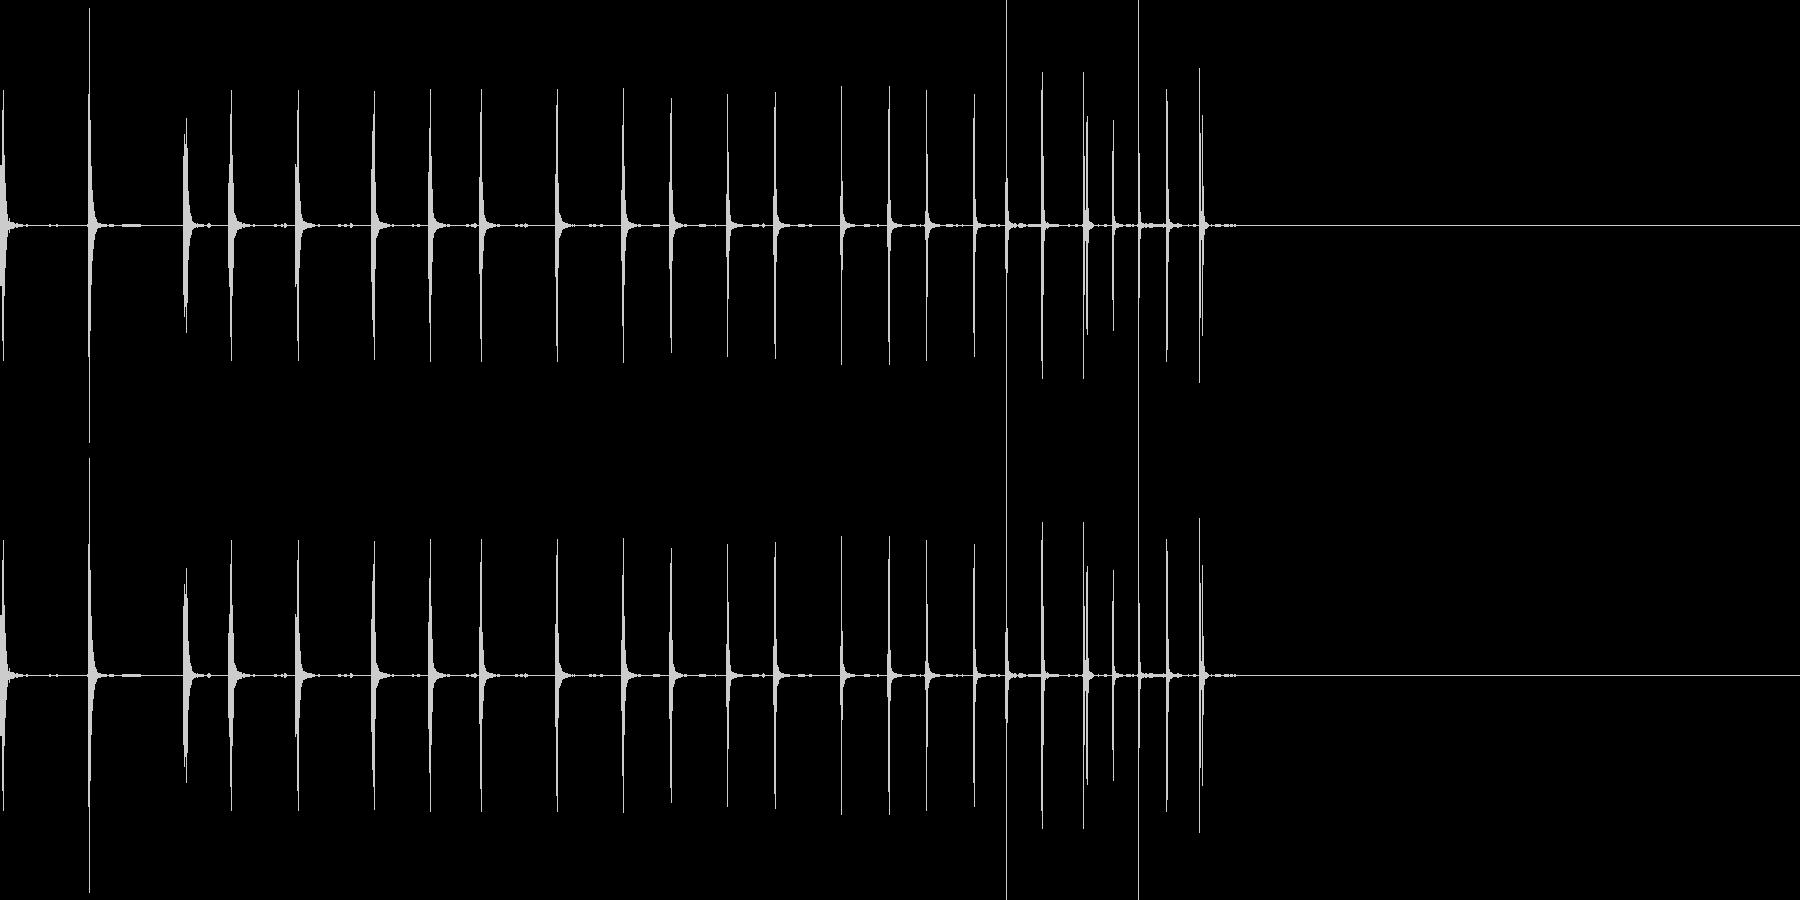 ゼンマイを巻くような効果音の未再生の波形